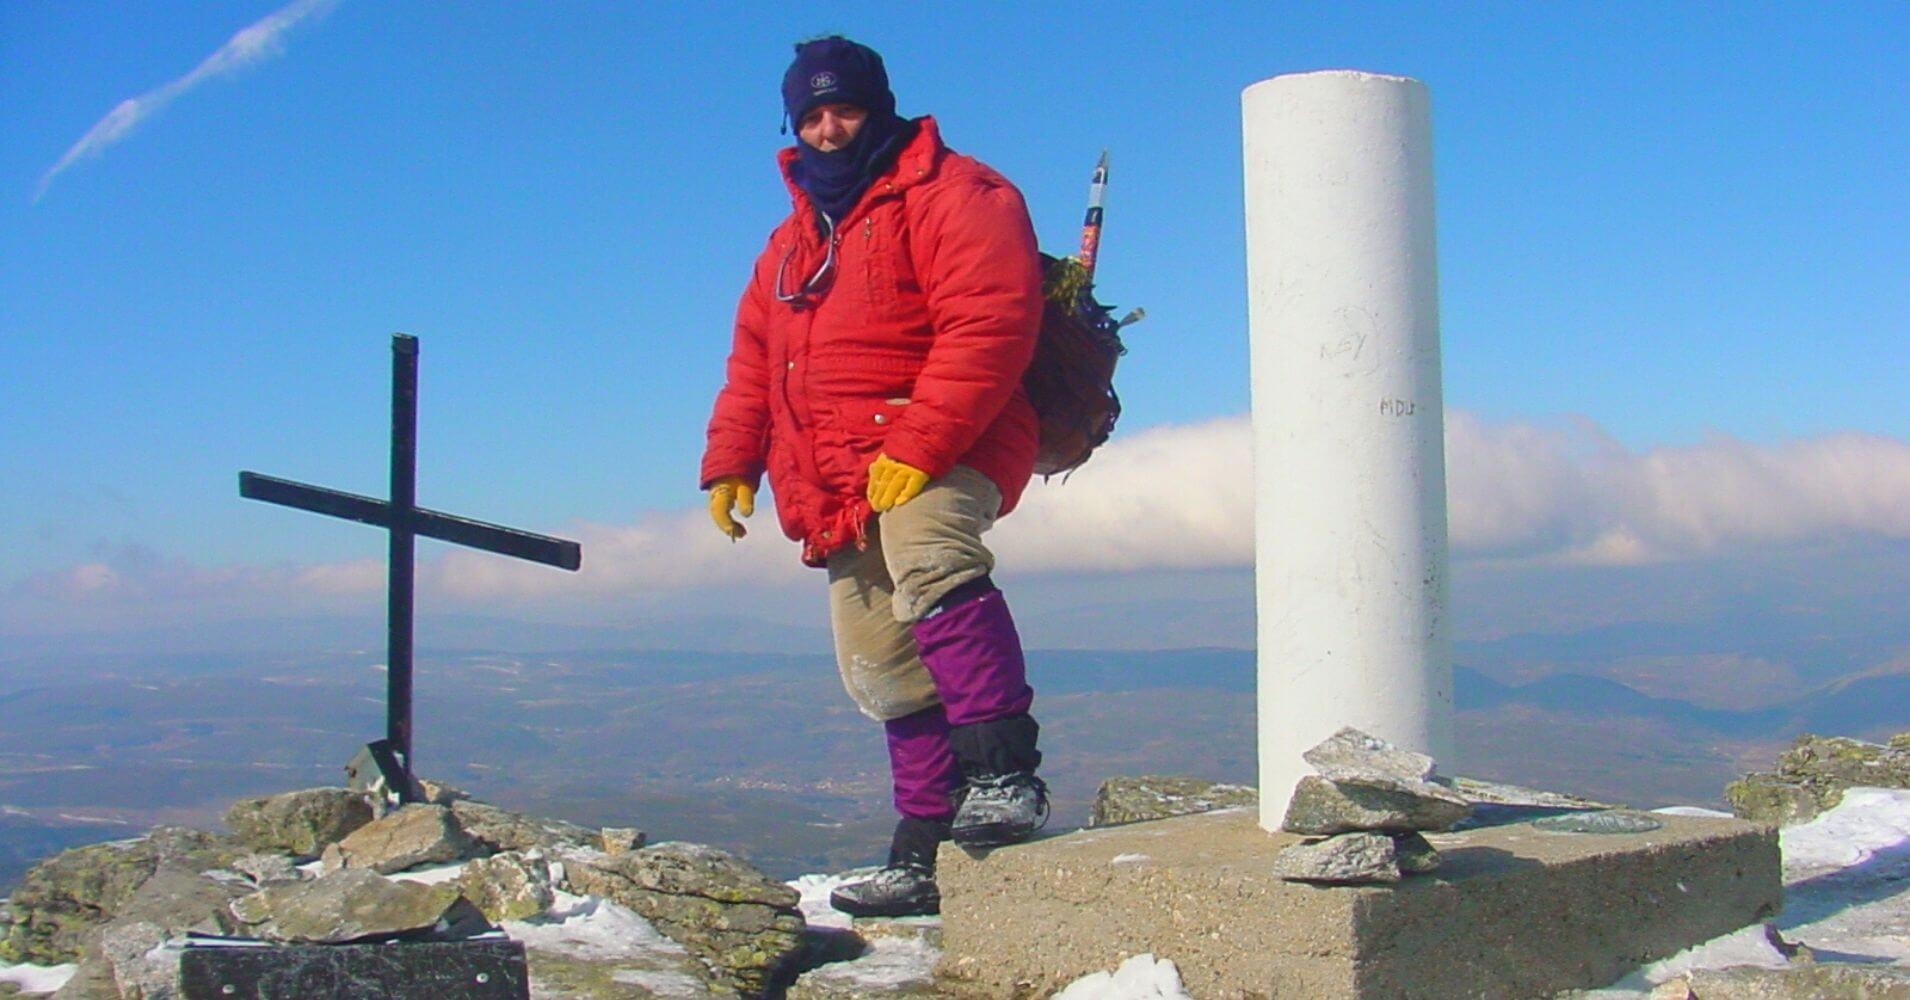 Cumbre del Pico Torozo. Gredos, Ávila. Castilla y León.